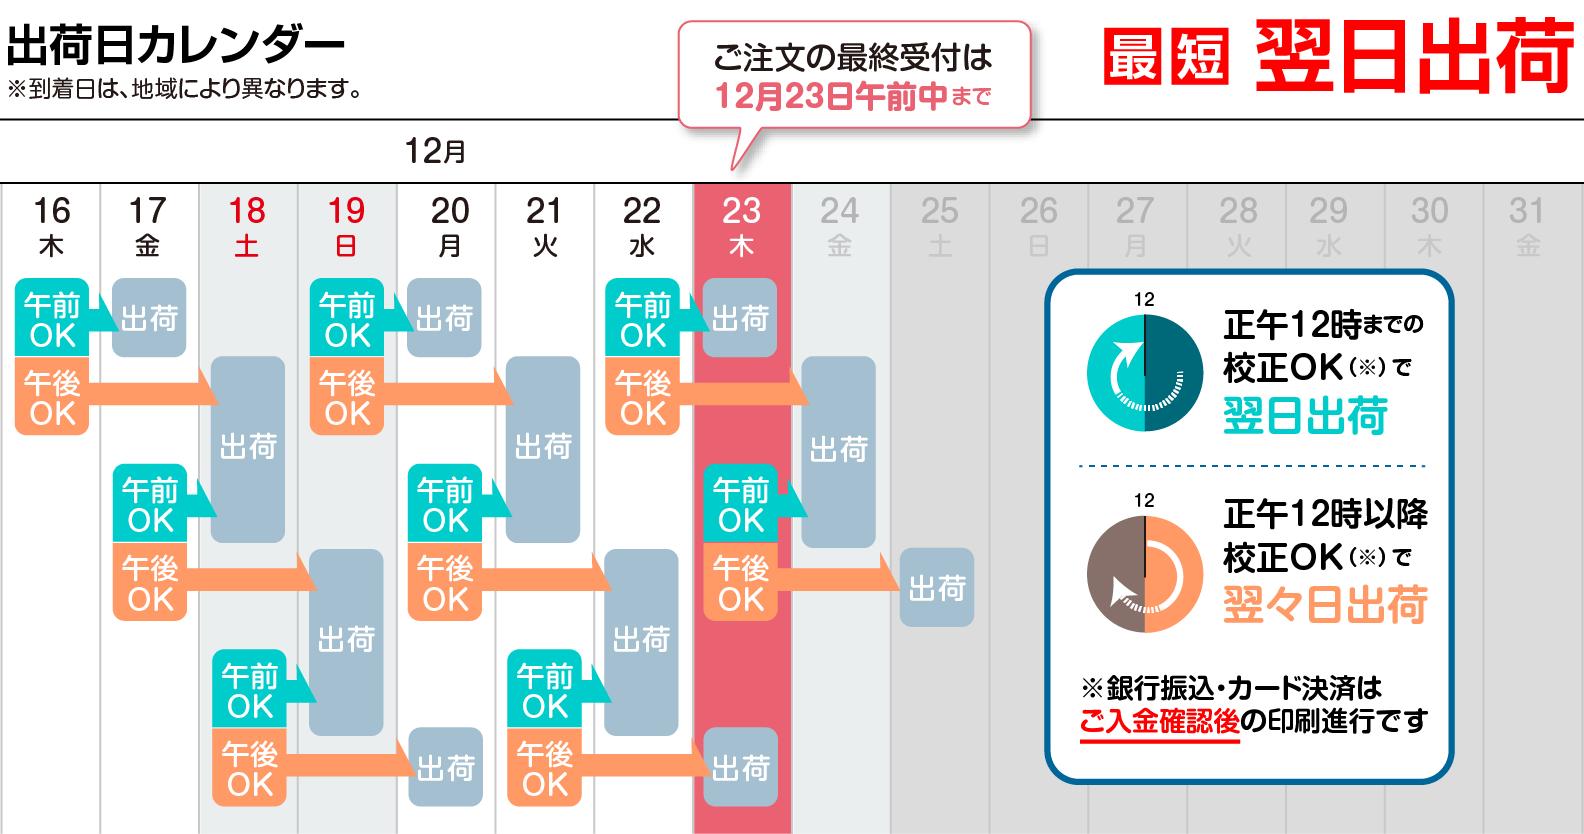 納期カレンダー